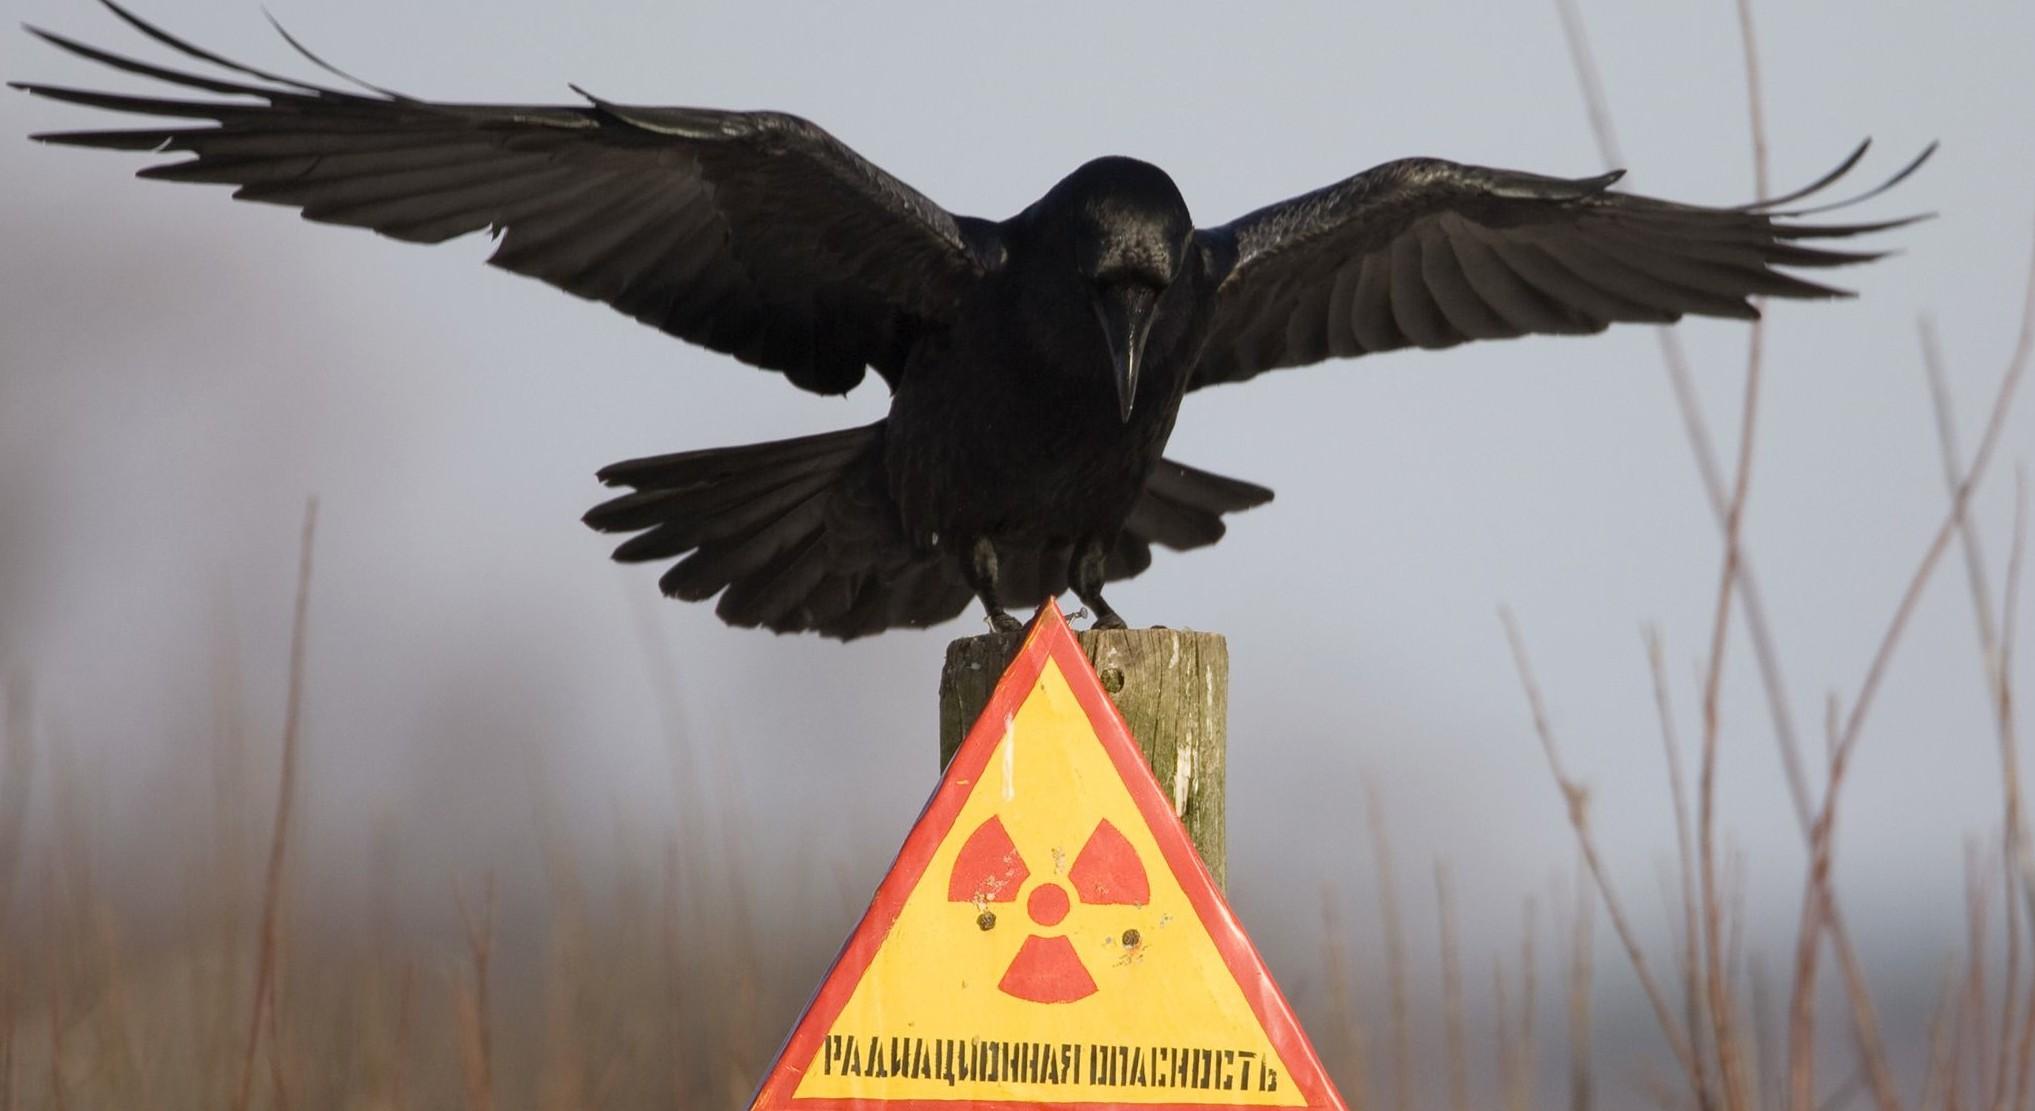 Ученые: Животные в окрестностях Чернобыля слепнут из-за радиации